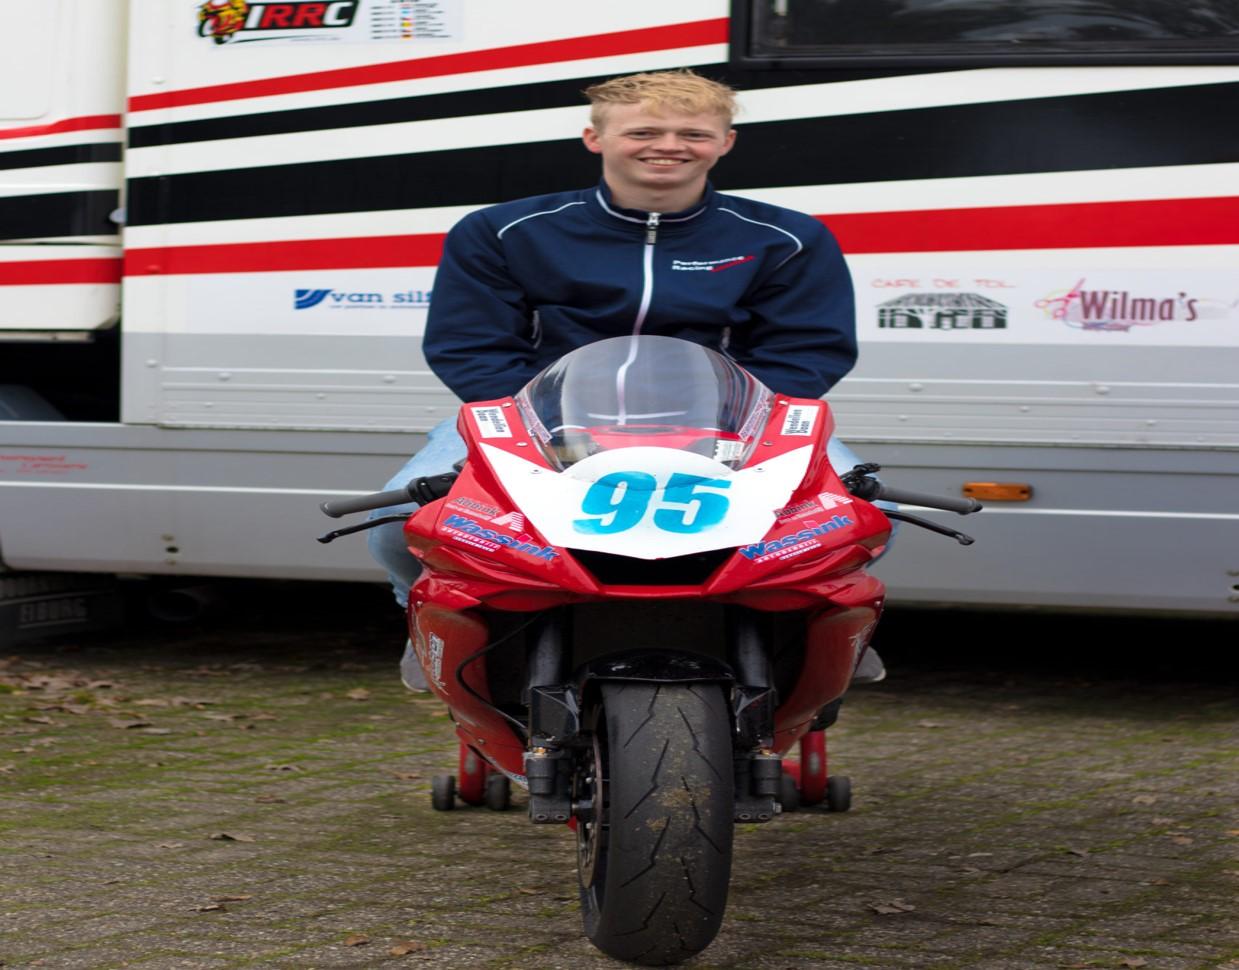 Performance Racing Achterhoek Secure Hamberg For 2020 IRRC Supersport Venture